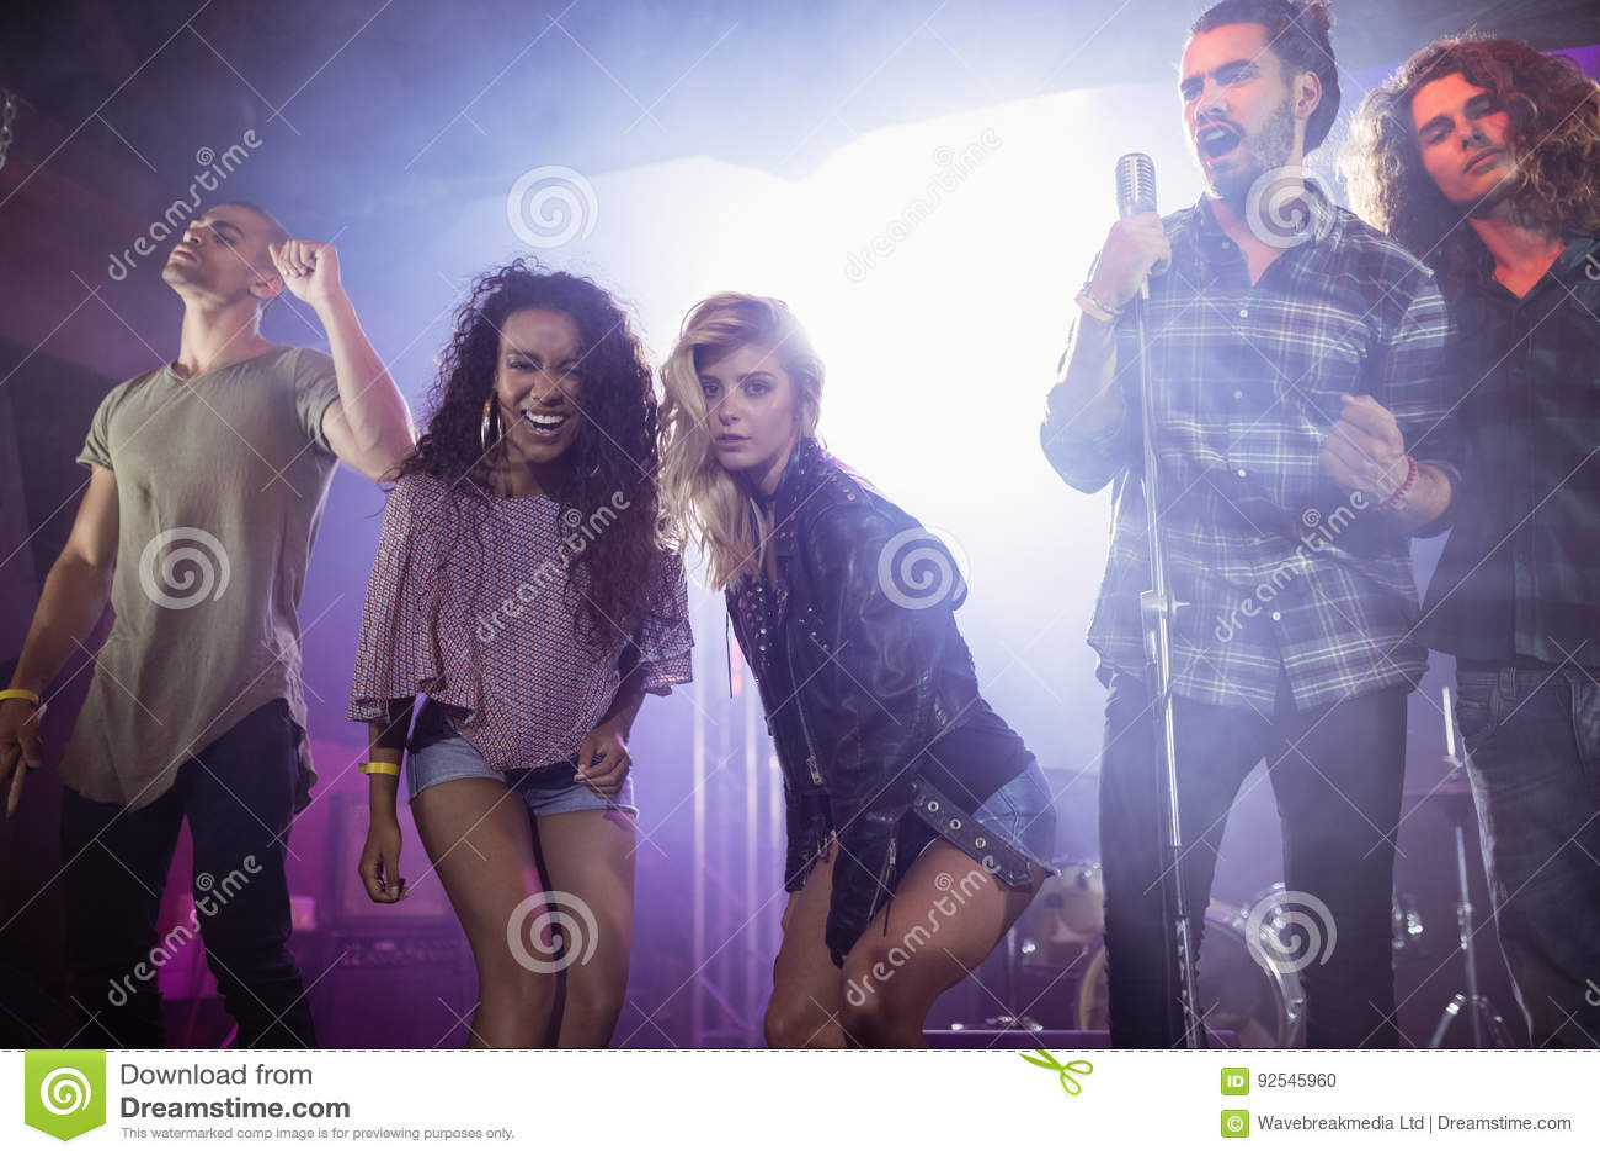 Stående av kvinnliga musiker med manliga aktörer på nattklubben